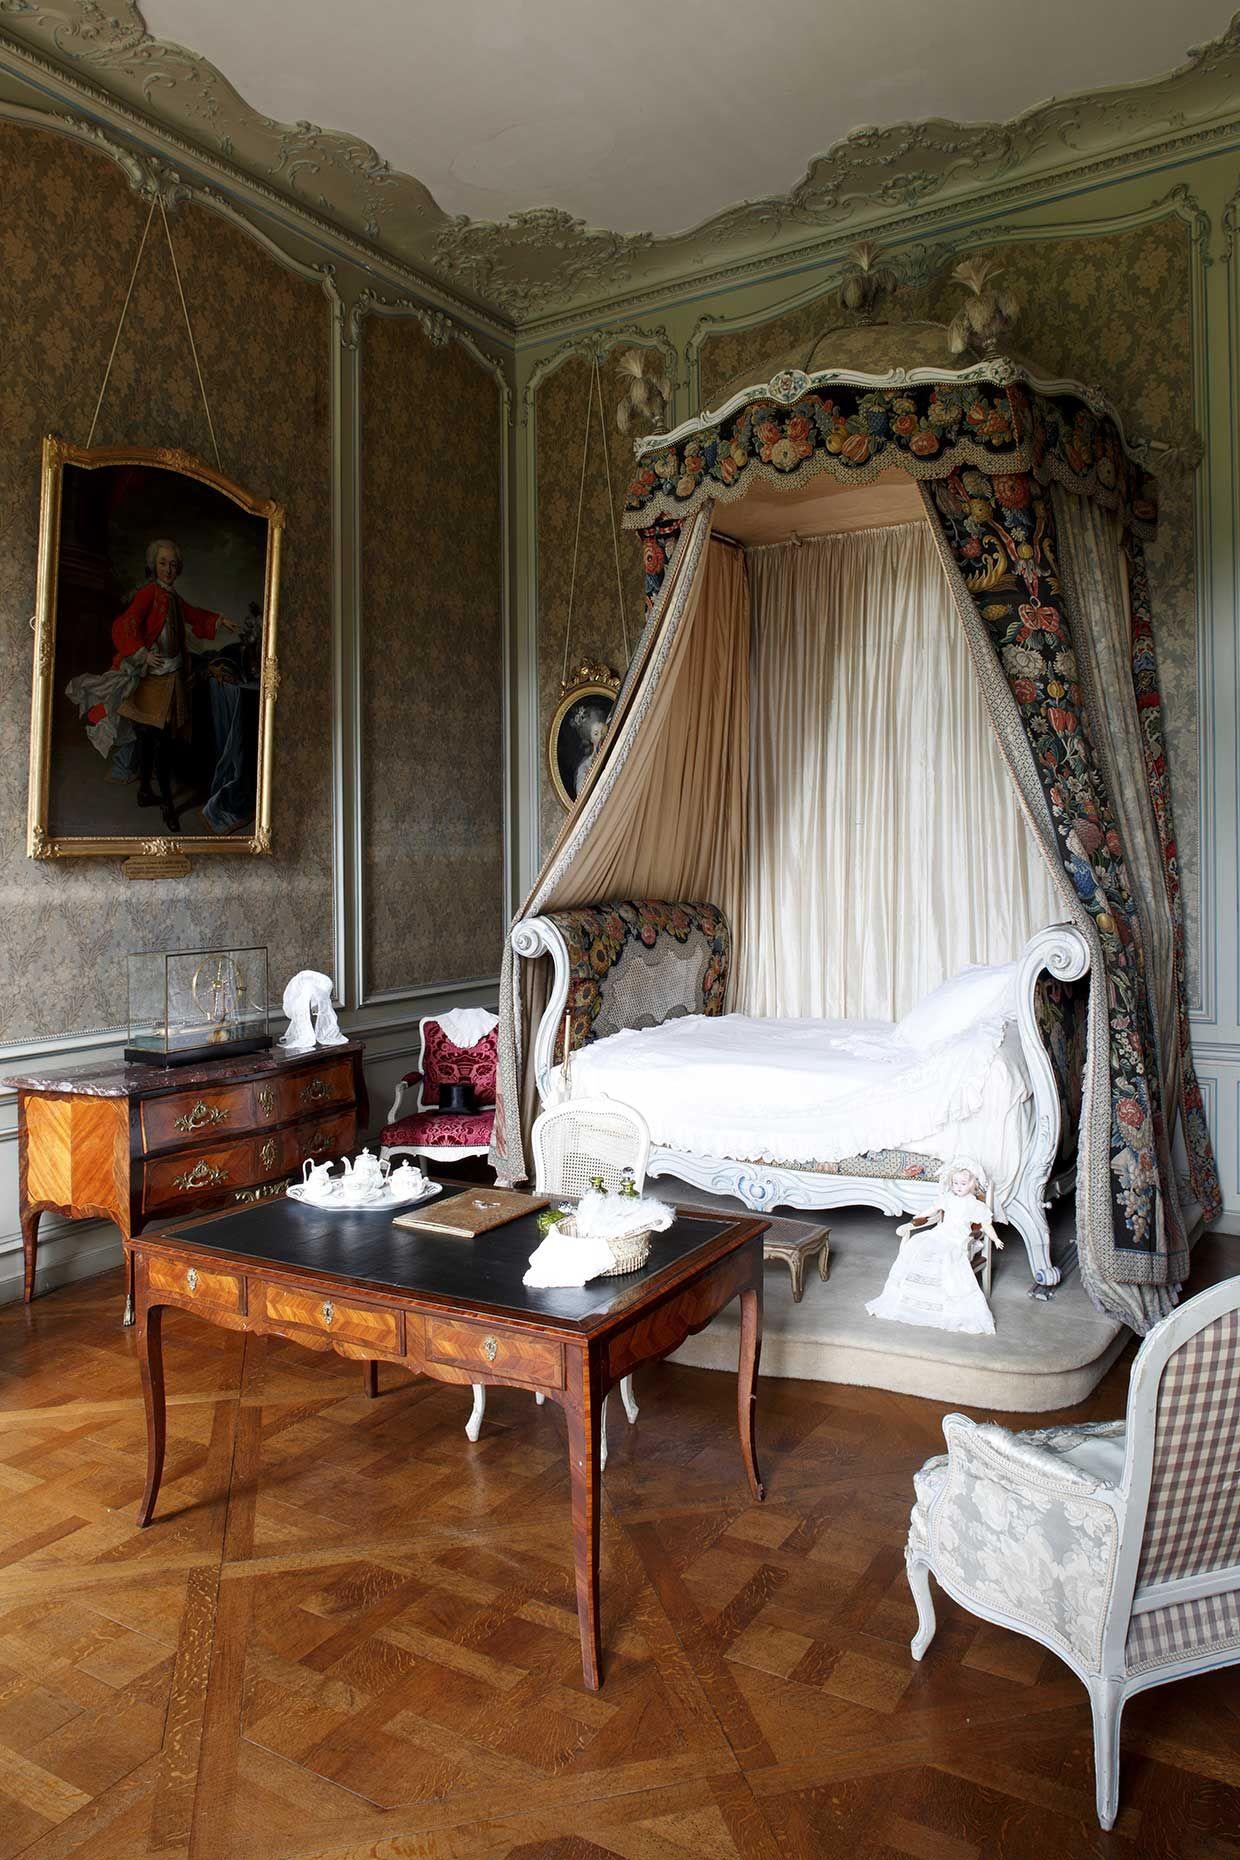 puy de d me ch teau de parentignat lit louis xv ch teaux de france pinterest. Black Bedroom Furniture Sets. Home Design Ideas